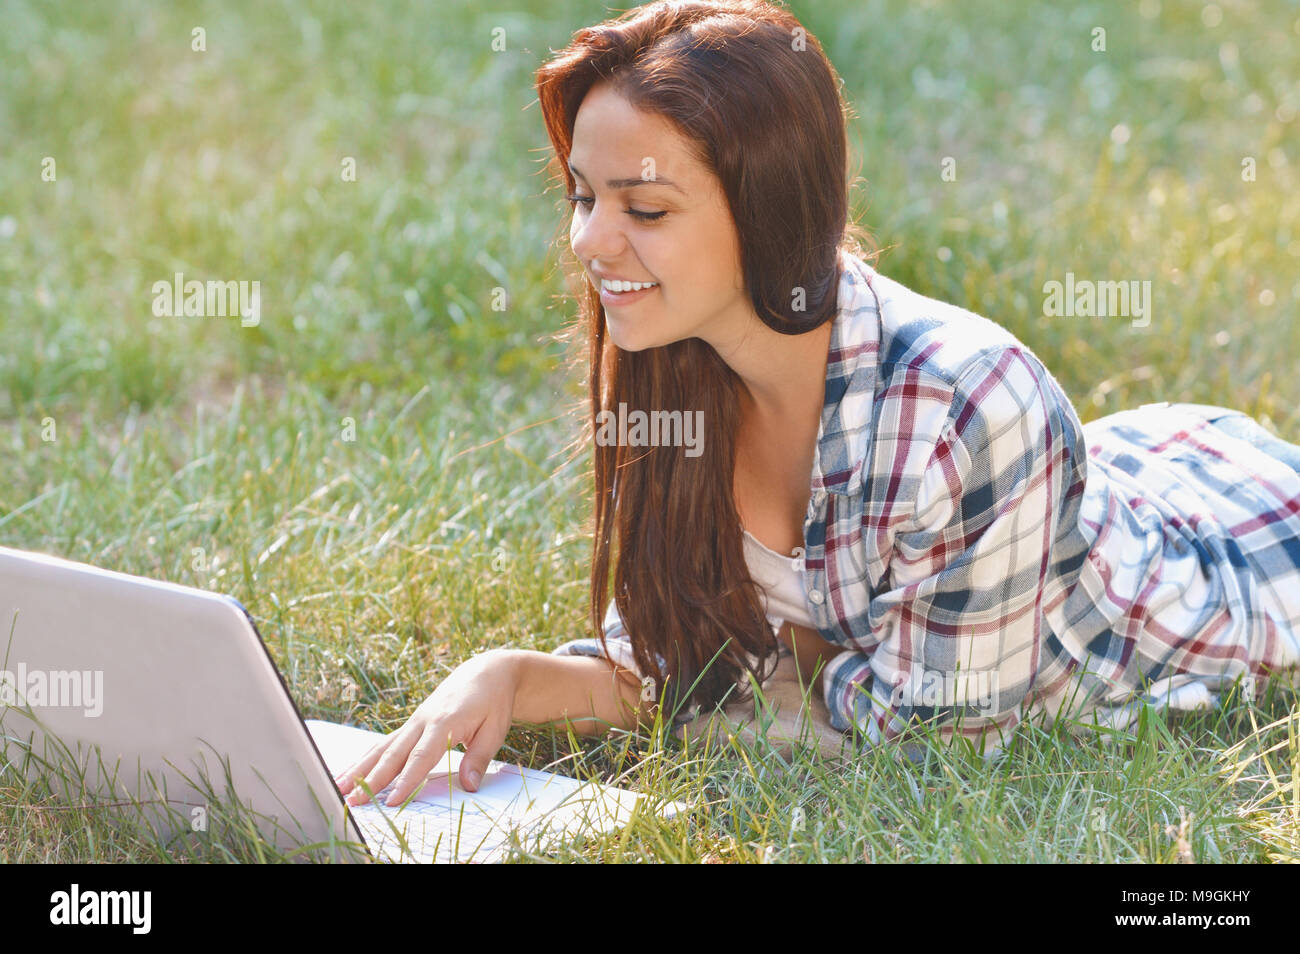 Studente ragazza che lavora su laptop giacente su erba nel parco. Studente all'esterno. Lavoro freelance, shopping online, apprendimento a distanza concetto Foto Stock